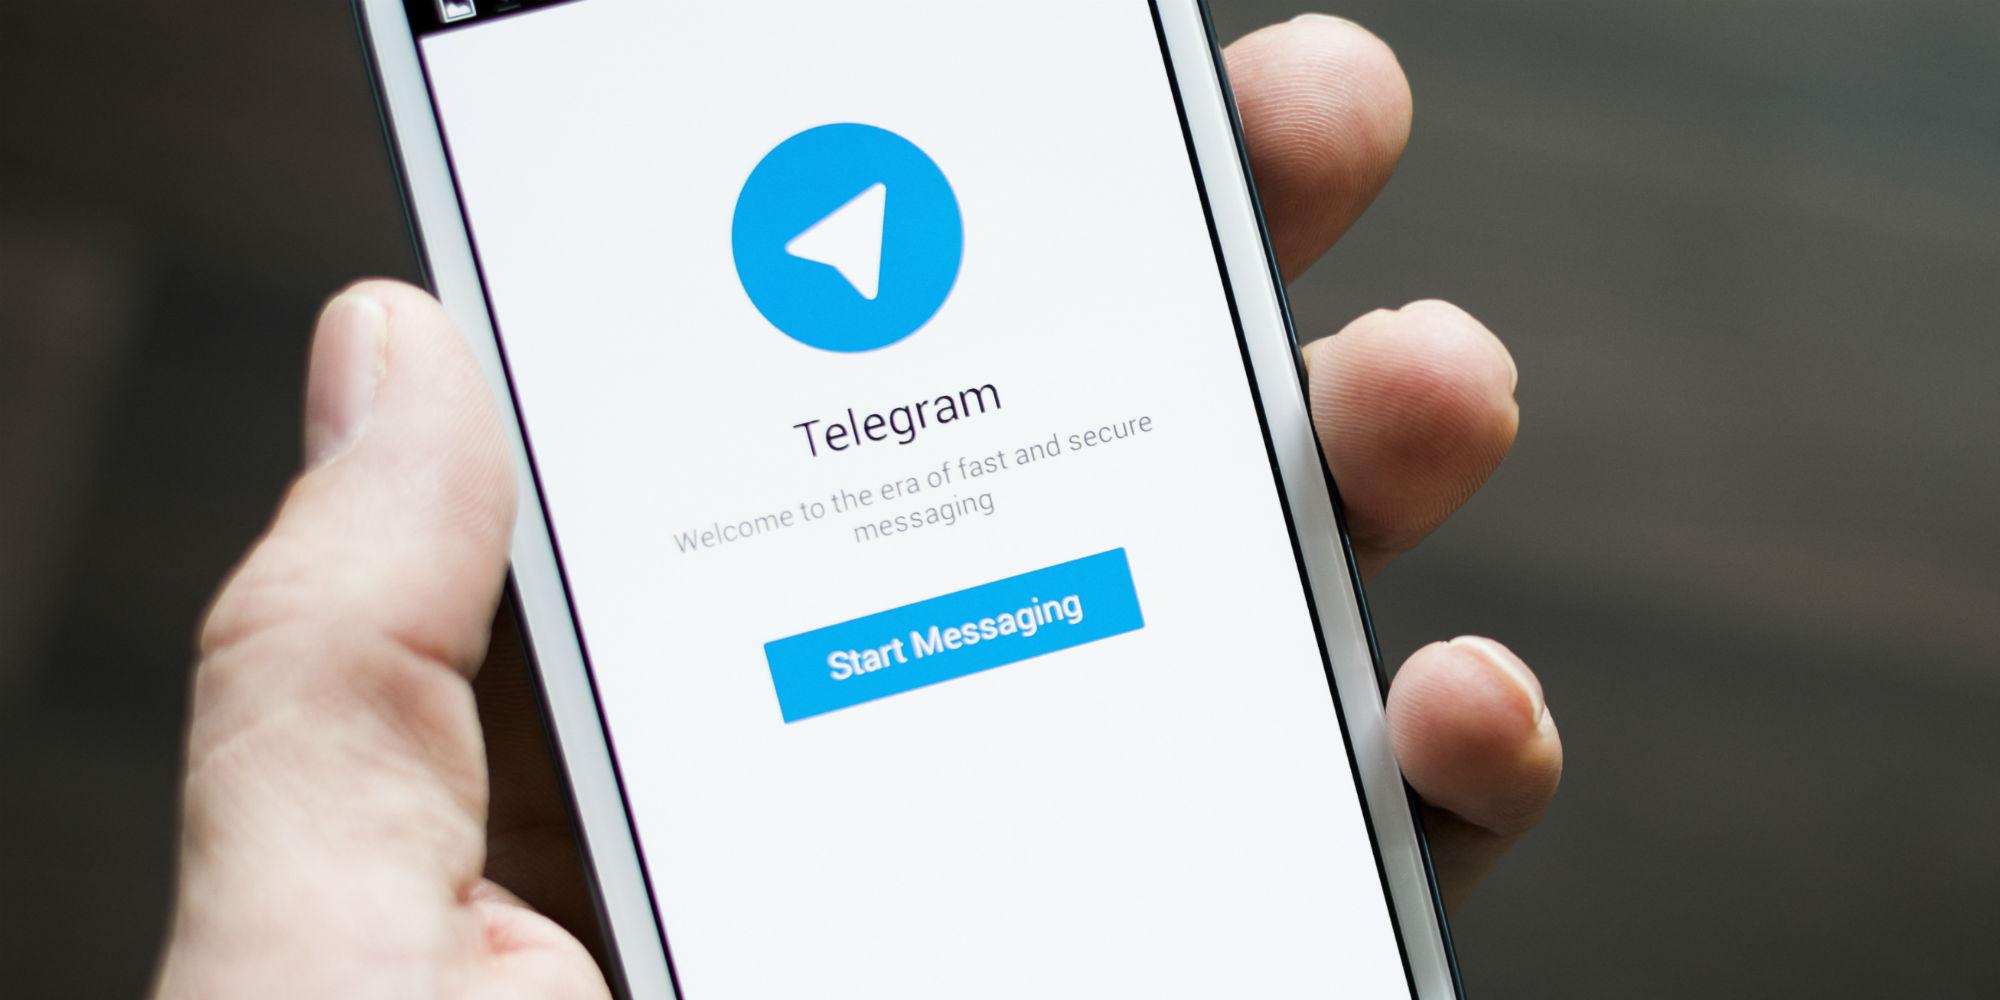 [BugBounty] Раскрытие 5 миллионов ссылок в приватные чаты Telegram и возможность редактирования любой статьи telegra.ph